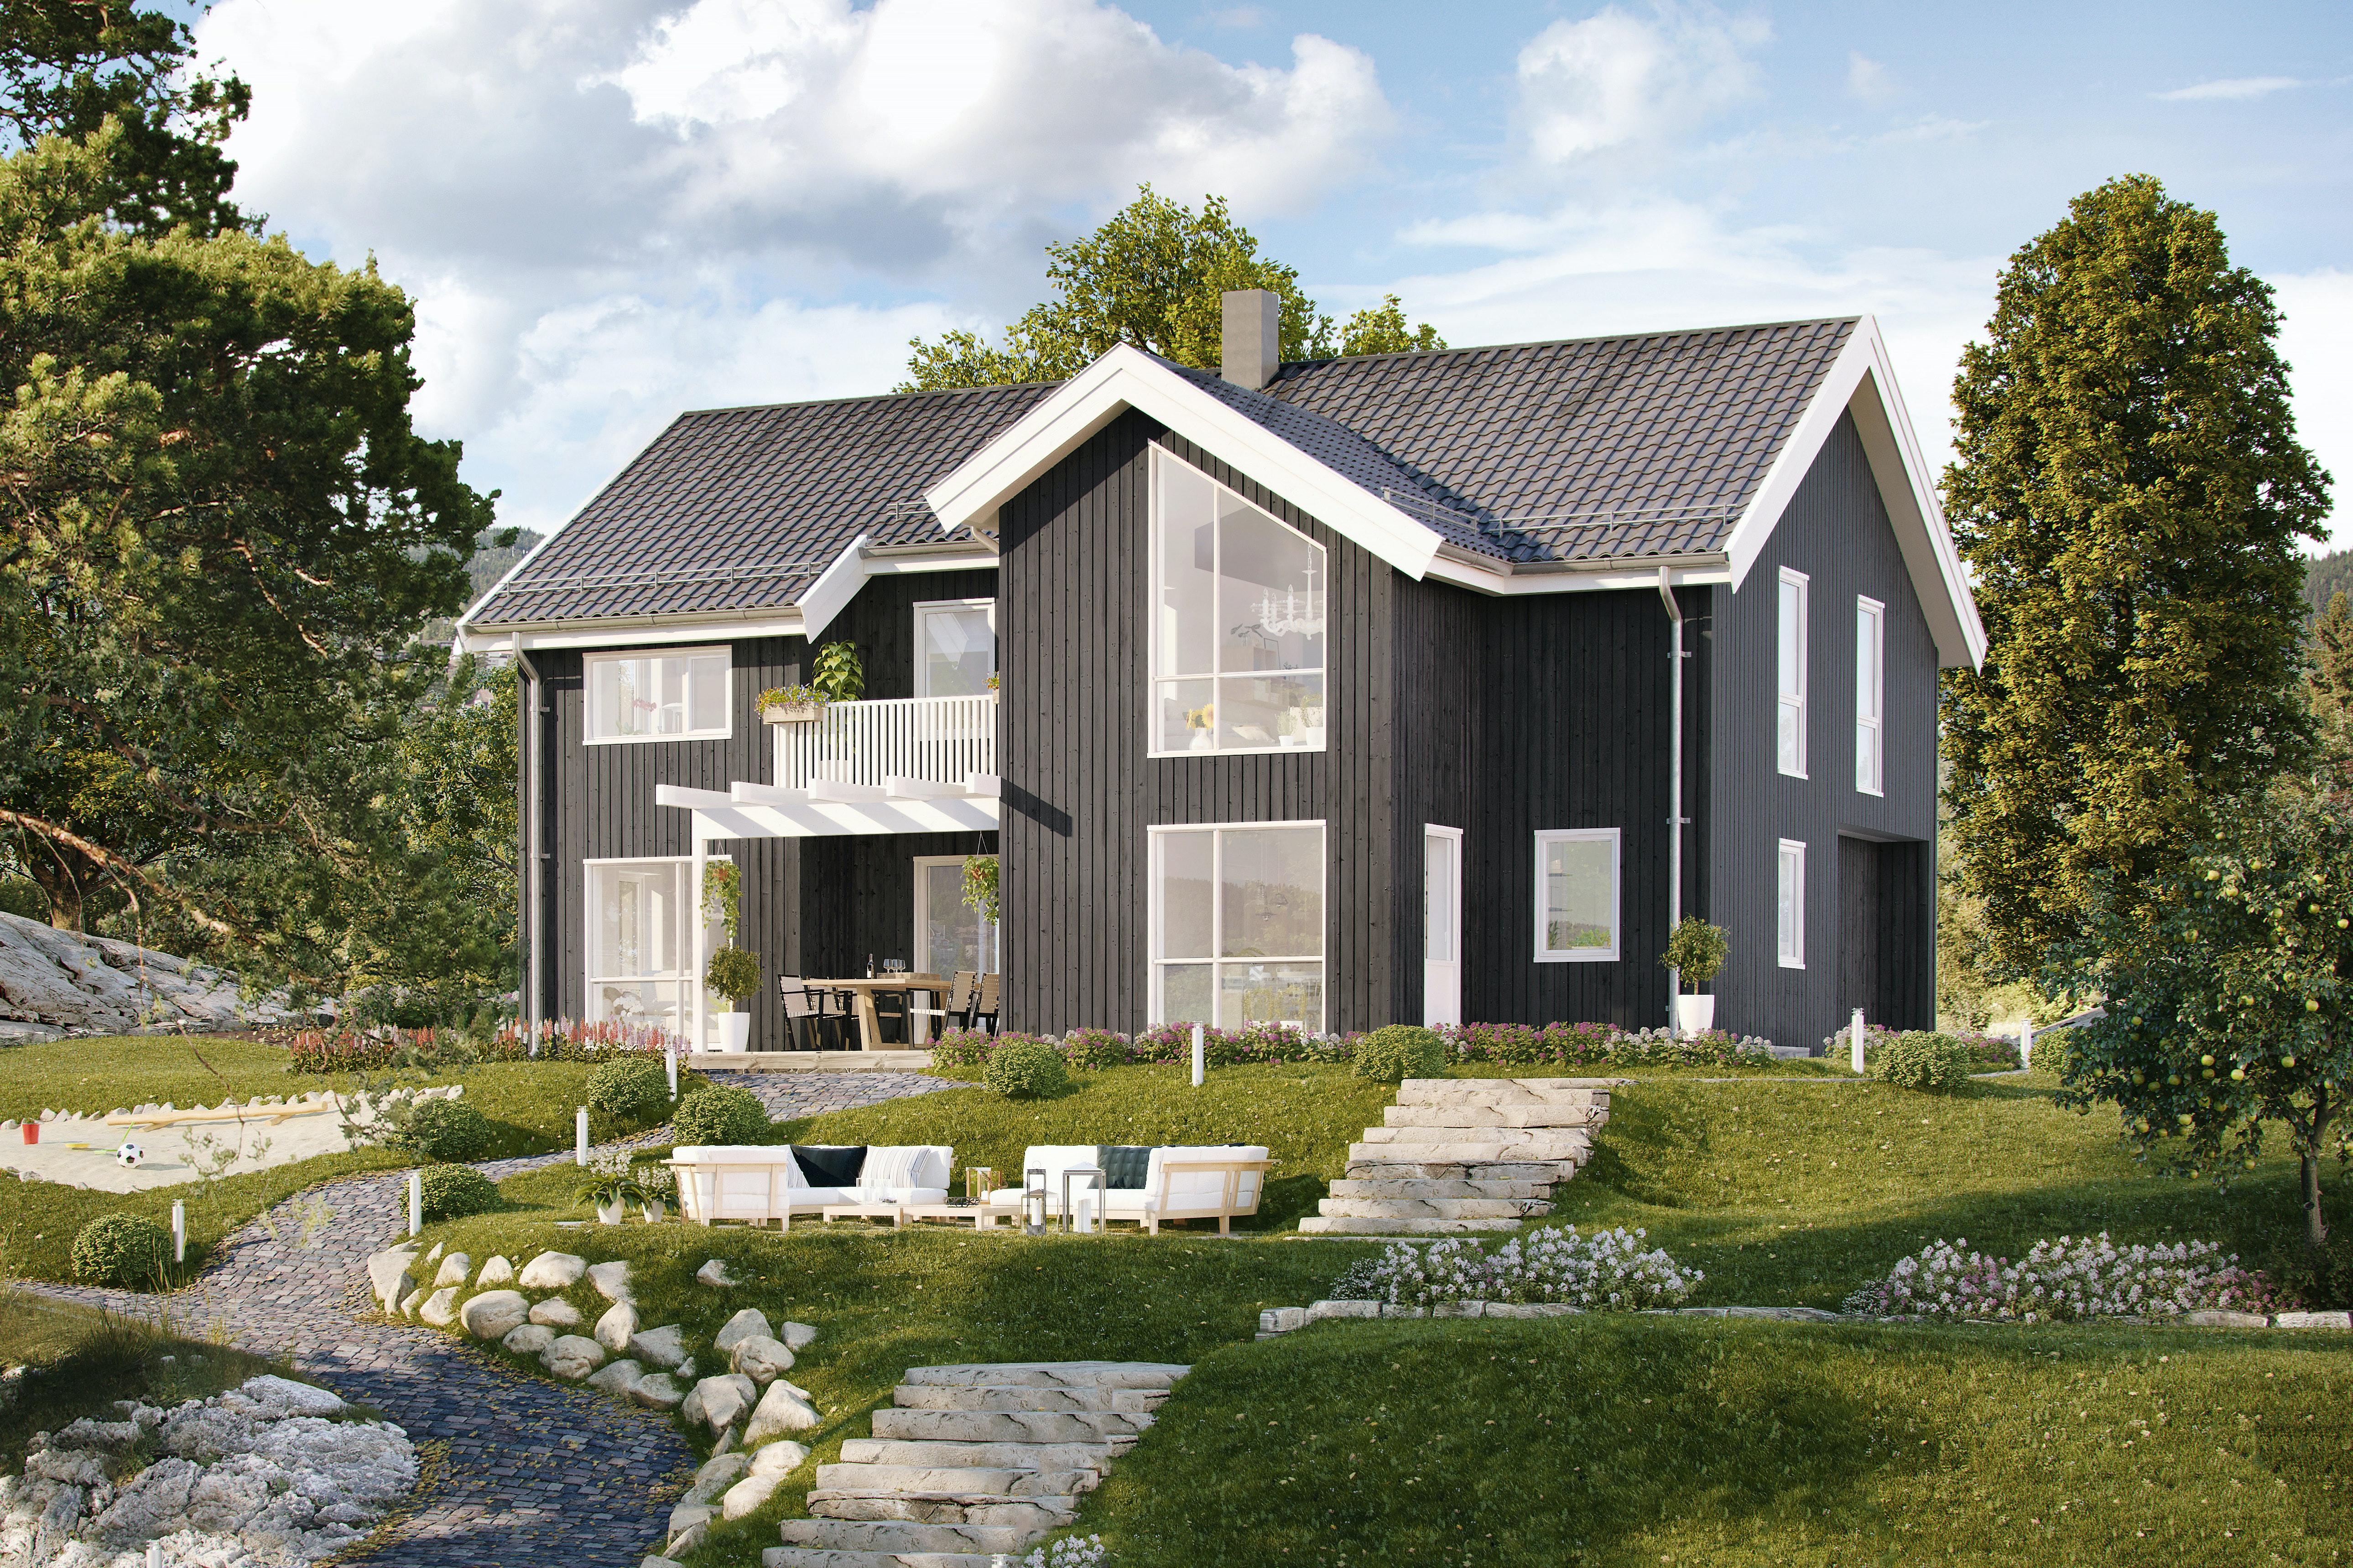 Ingeberg - NY populær og moderne enebolig på nytt boligfelt på Ingeberg - Vinci - et drømmehjem!